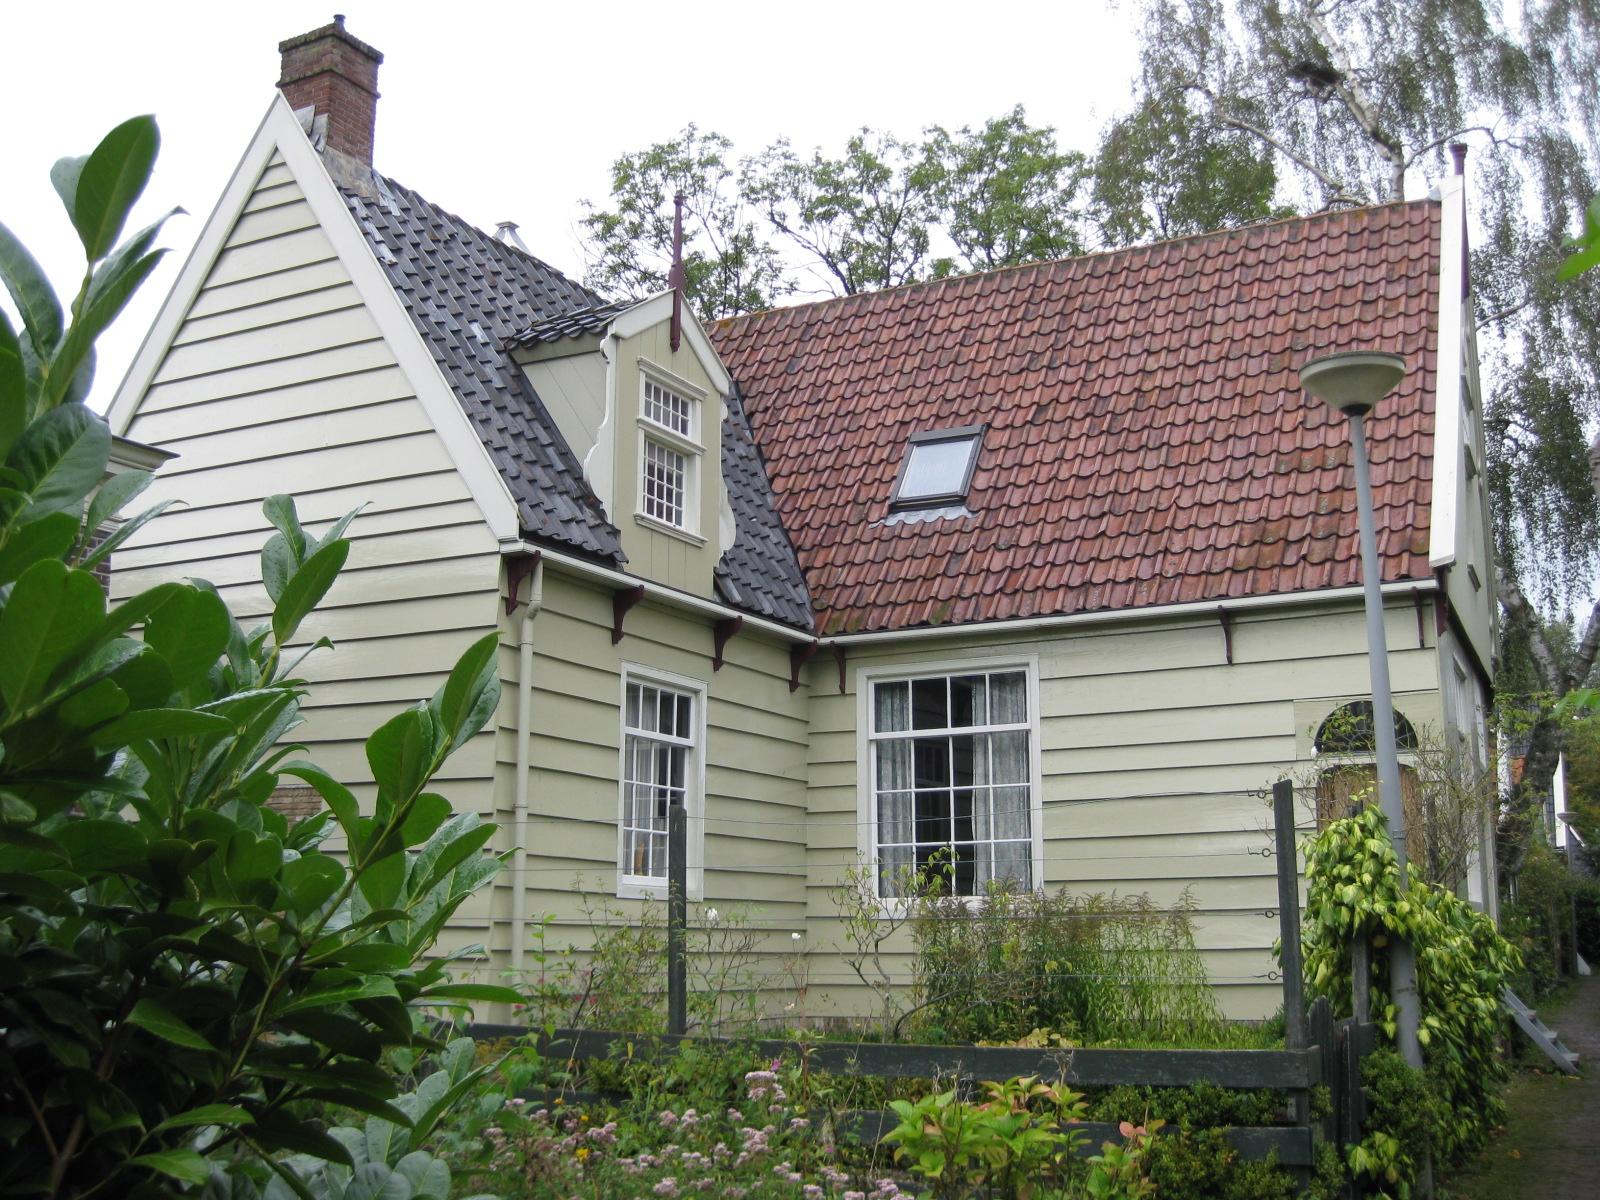 Houten huis van l vormige plattegrond met zeldzame latere stenen aanbouw in amsterdam monument for Hout huis